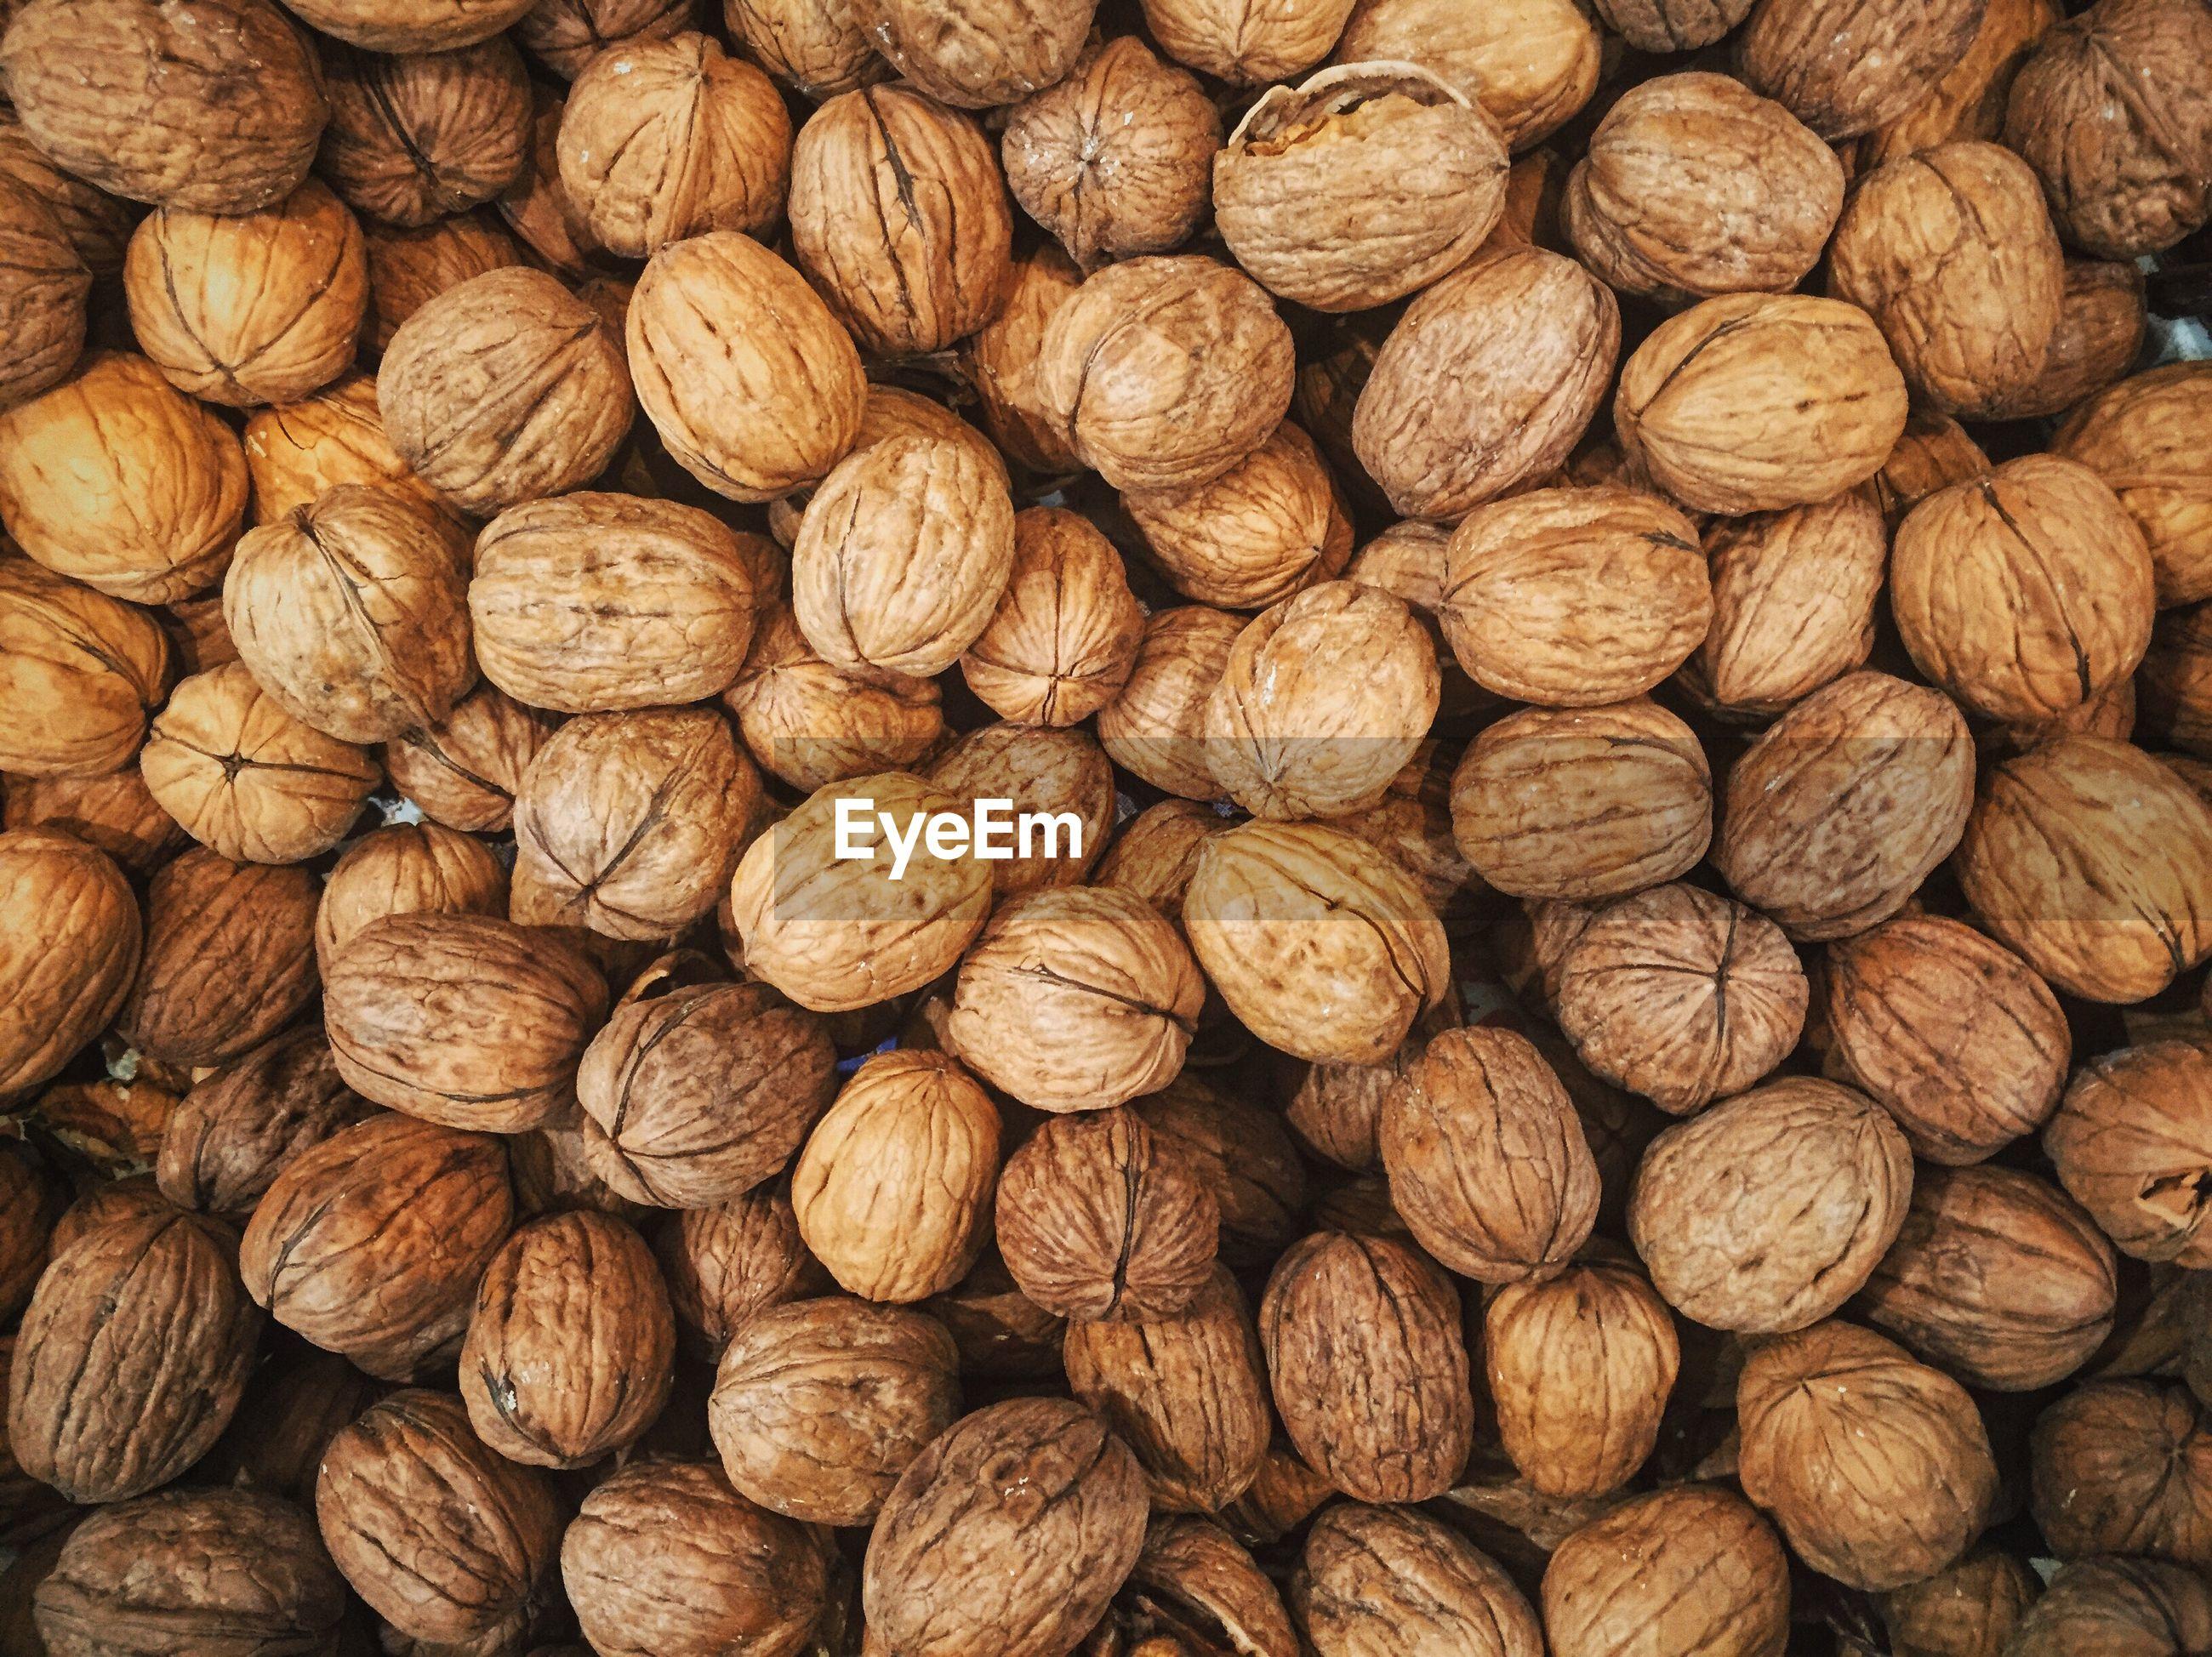 Full frame shot of walnut